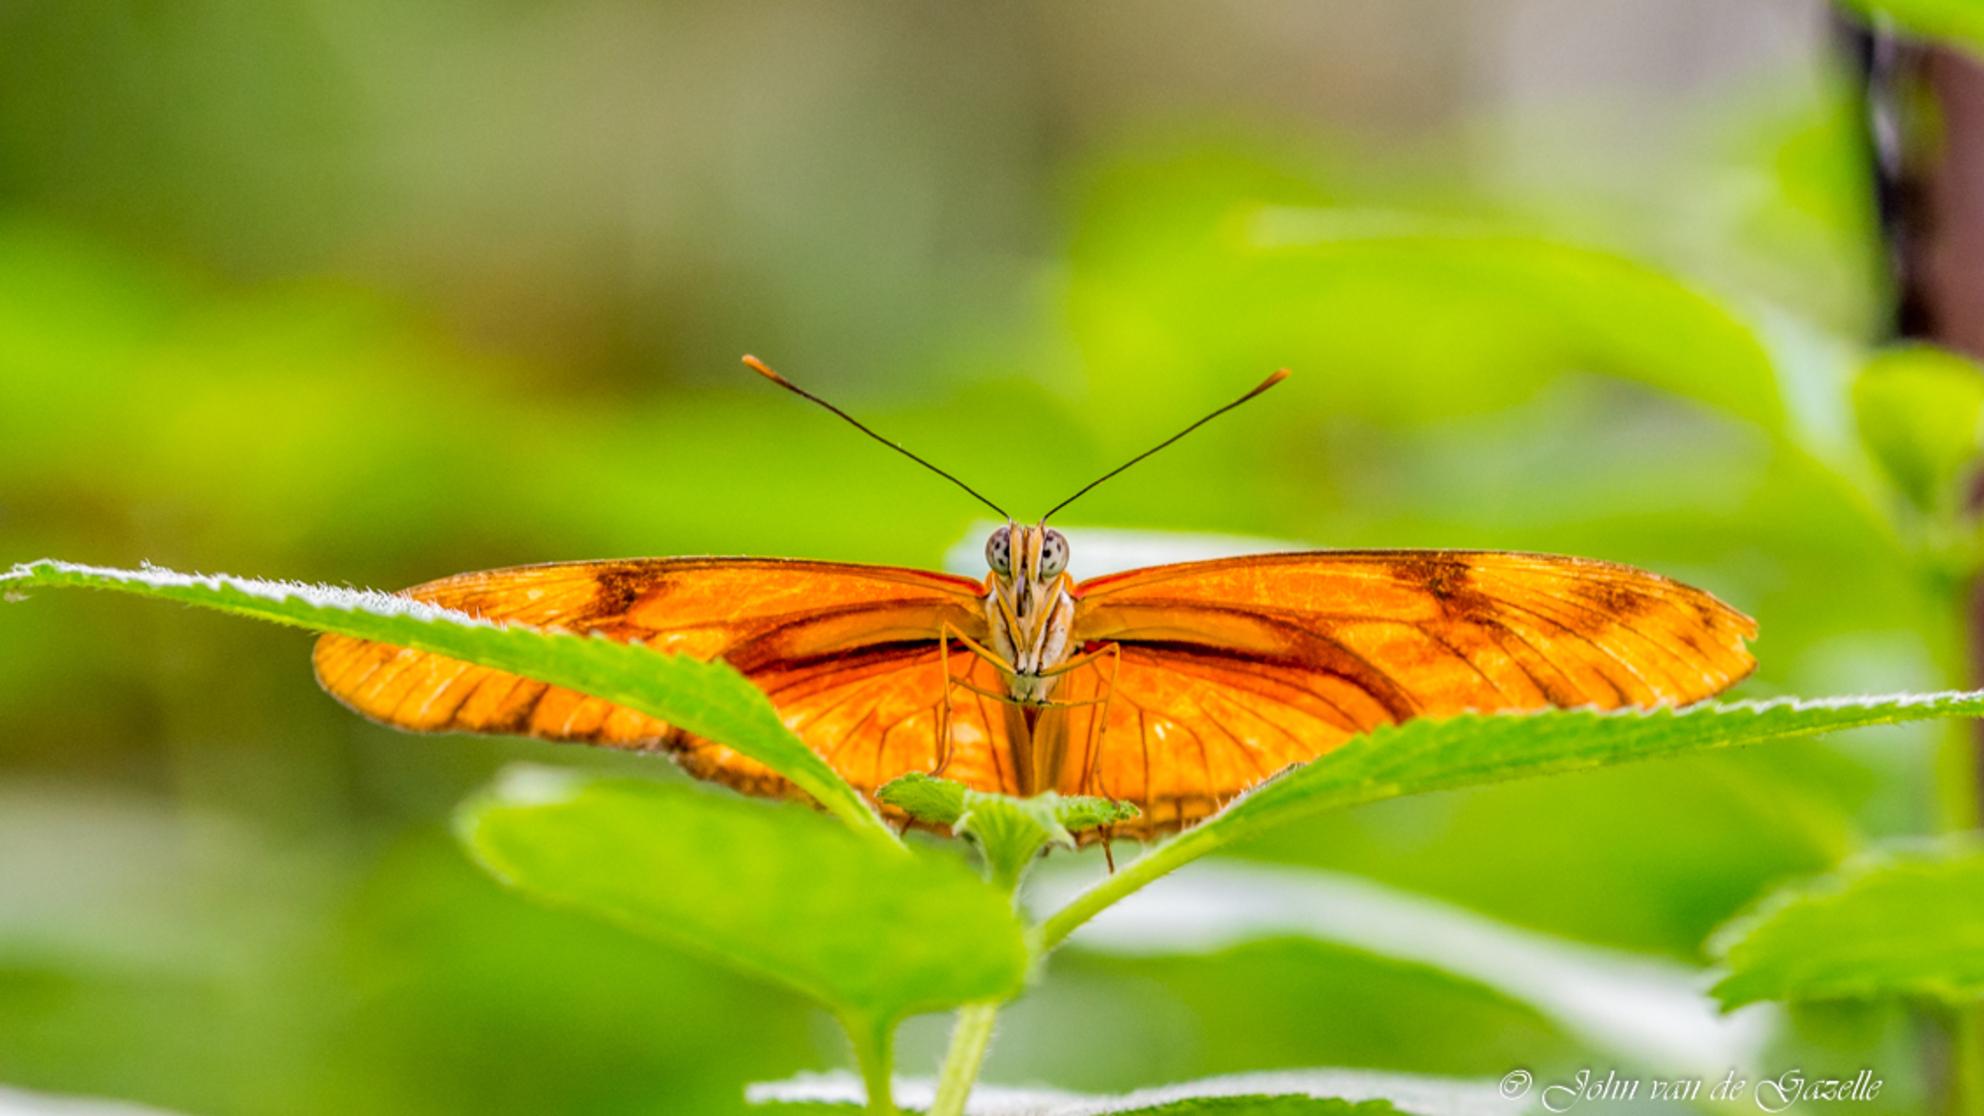 Dryas iulia oranje passiebloemvlinder - Met zijn opvallende kleur en lange voorvleugels is de Dryas iulia een markante verschijning. Deze vlinder wordt in Nederland ook wel de oranje passie - foto door JvandeGazelle op 10-01-2018 - deze foto bevat: groen, macro, bloem, natuur, vlinder, licht, insect, vlindertuin, dof, bokeh